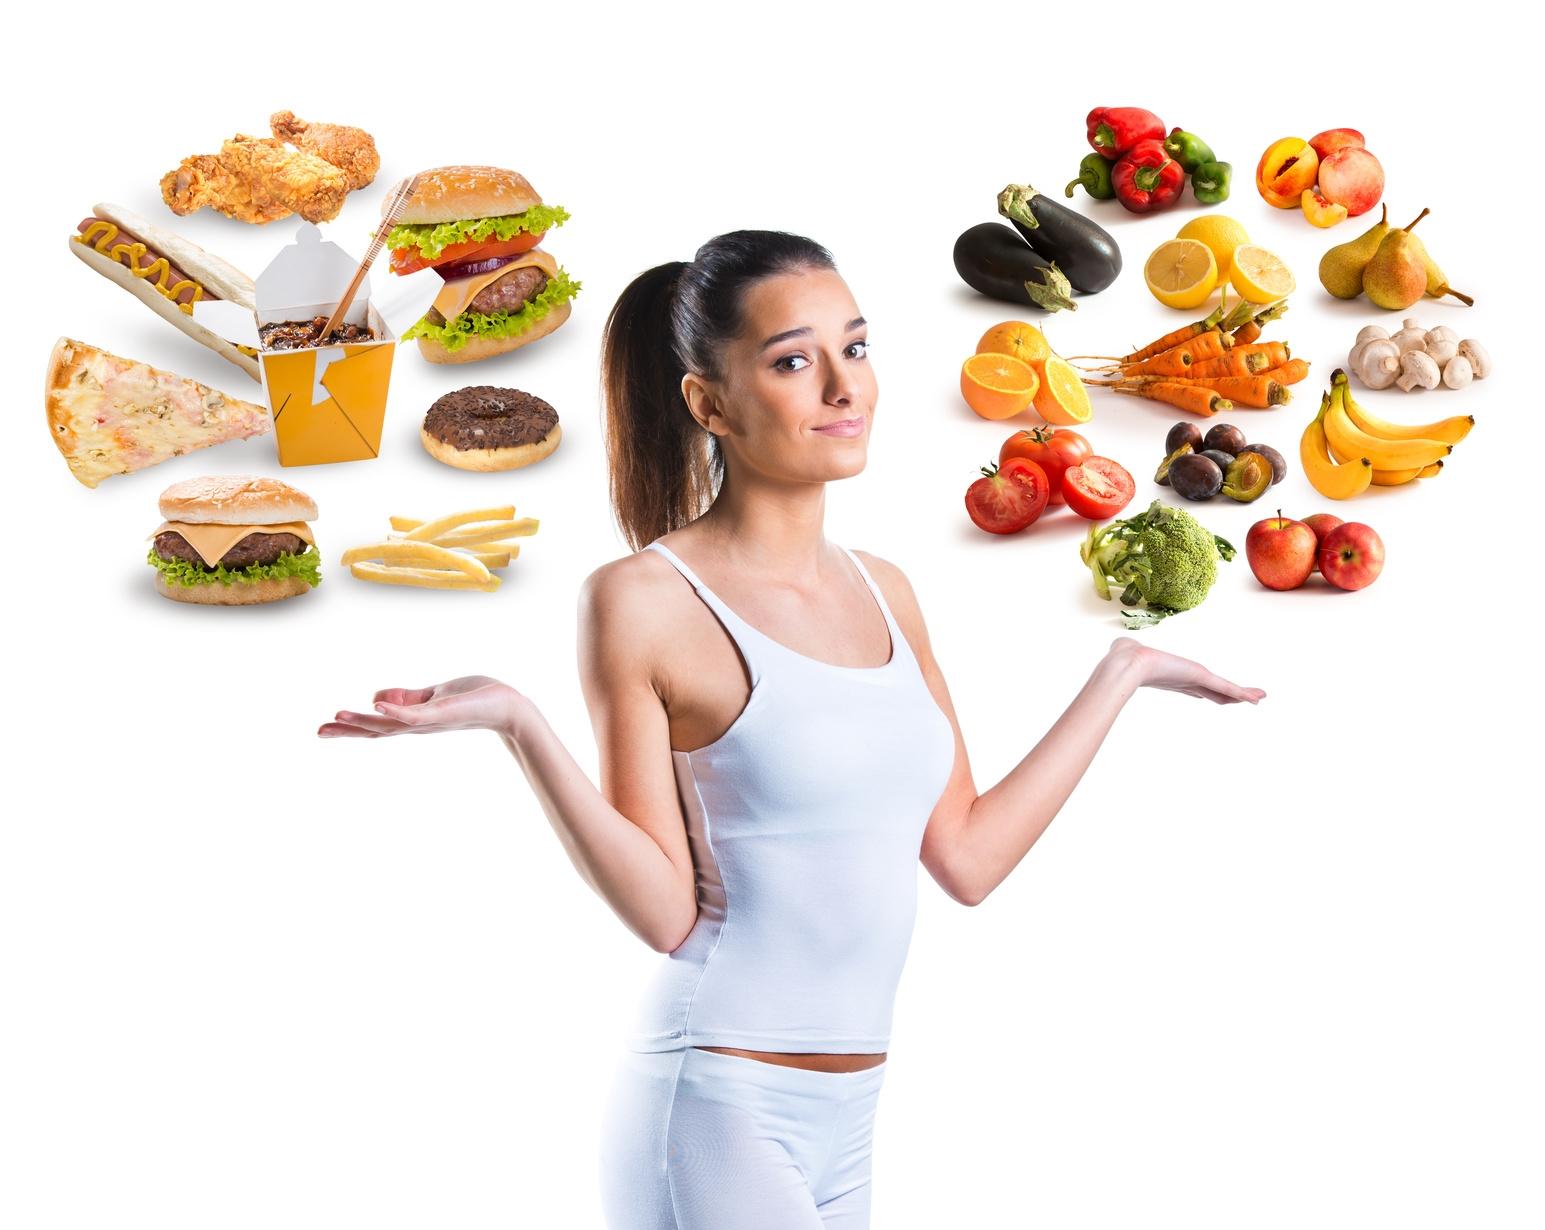 Il sovrappeso? Non è soltanto una questione estetica.